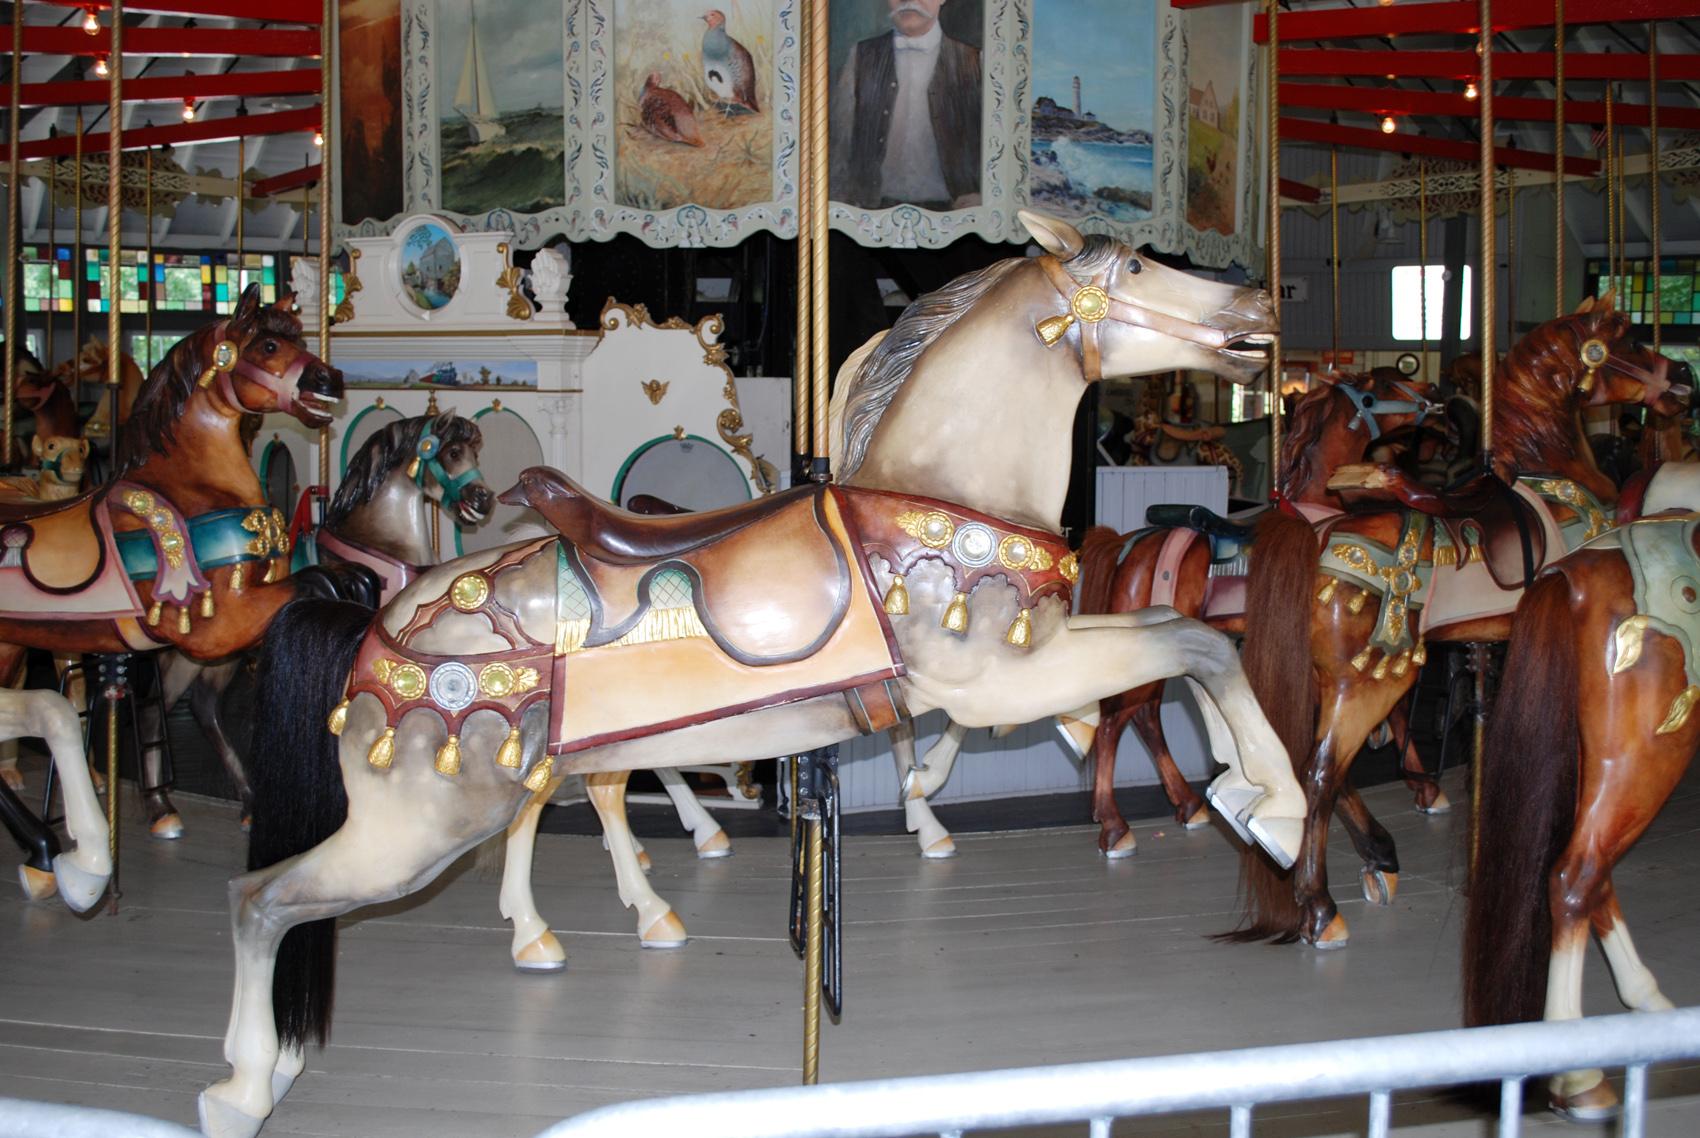 1895-Looff-carousel-horses-Slater-Park-RI-87